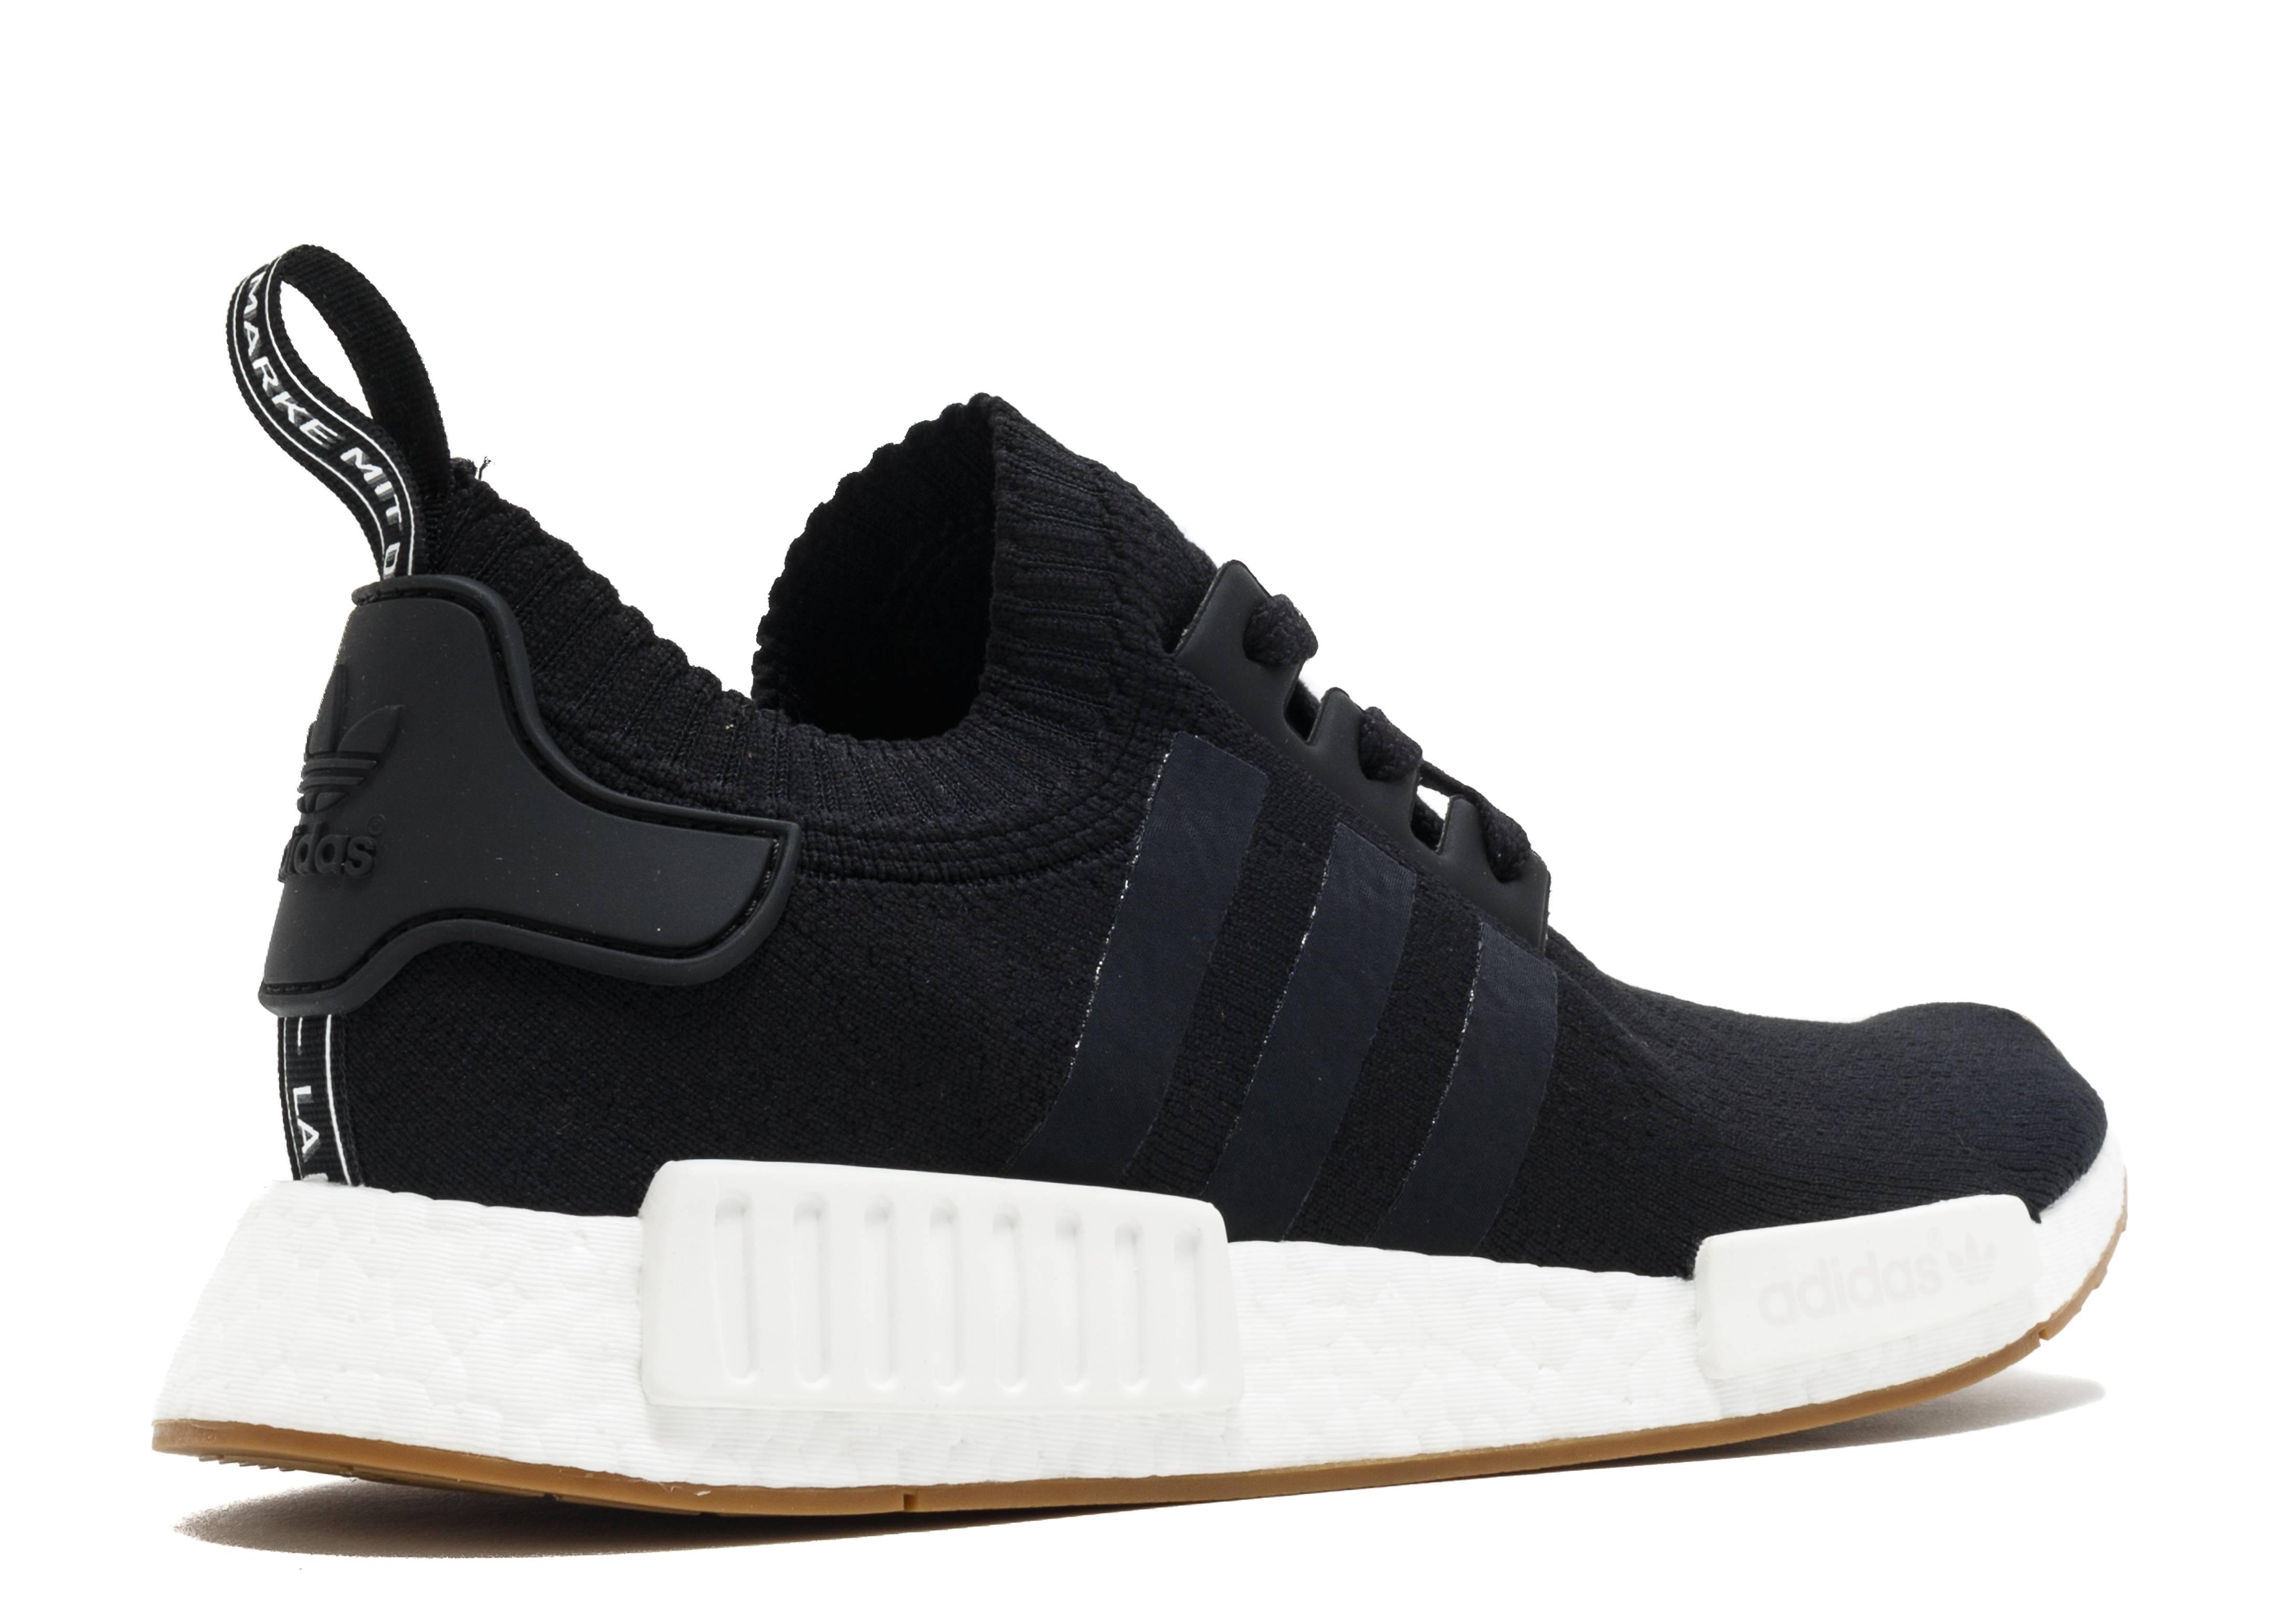 Adidas NMD R1 Footlocker Exclusive 9,5US 43 1/3 9UK (#315536